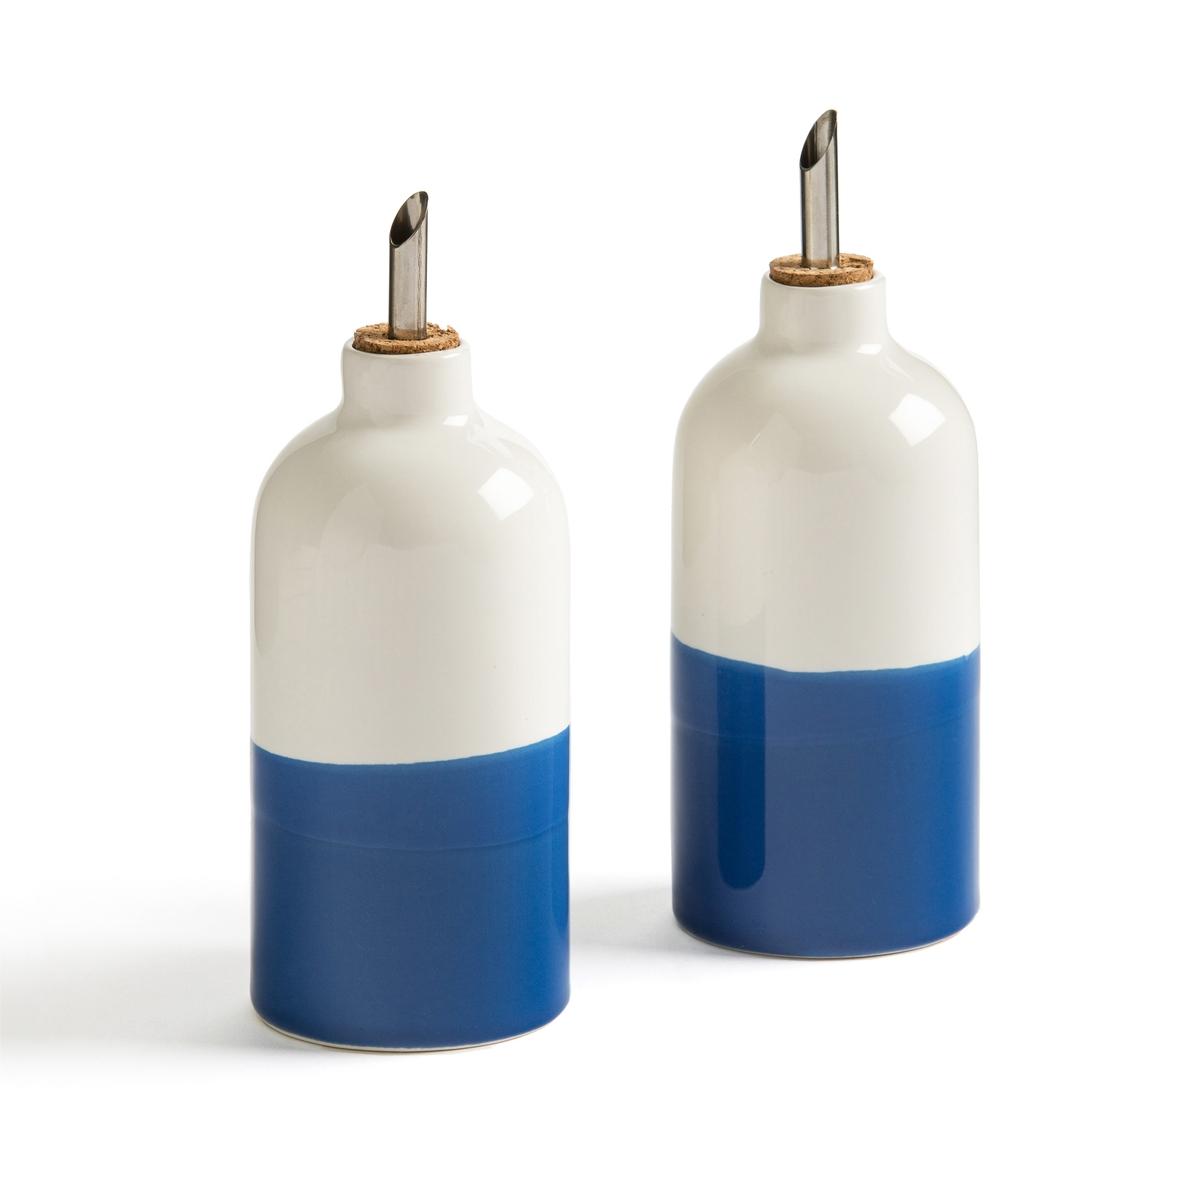 Сосуд La Redoute Для масла и уксуса Zalato единый размер синий стол la redoute журнальный из агата и металла anaximne единый размер синий